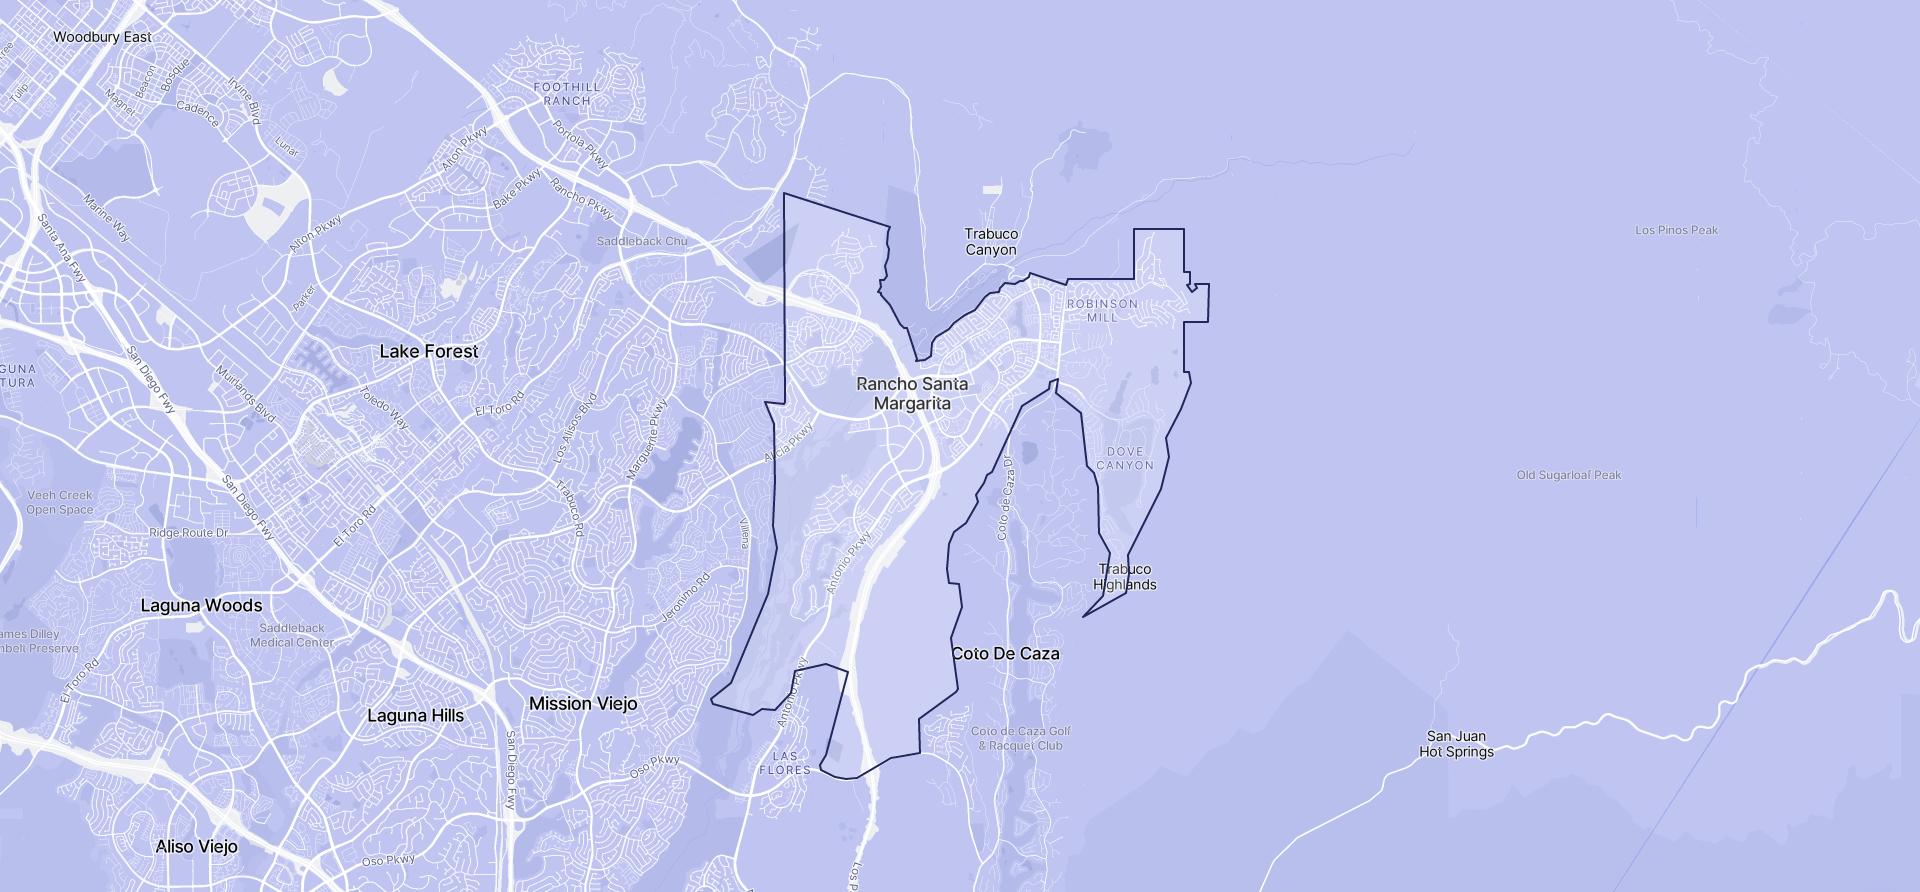 Image of Rancho Santa Margarita boundaries on a map.